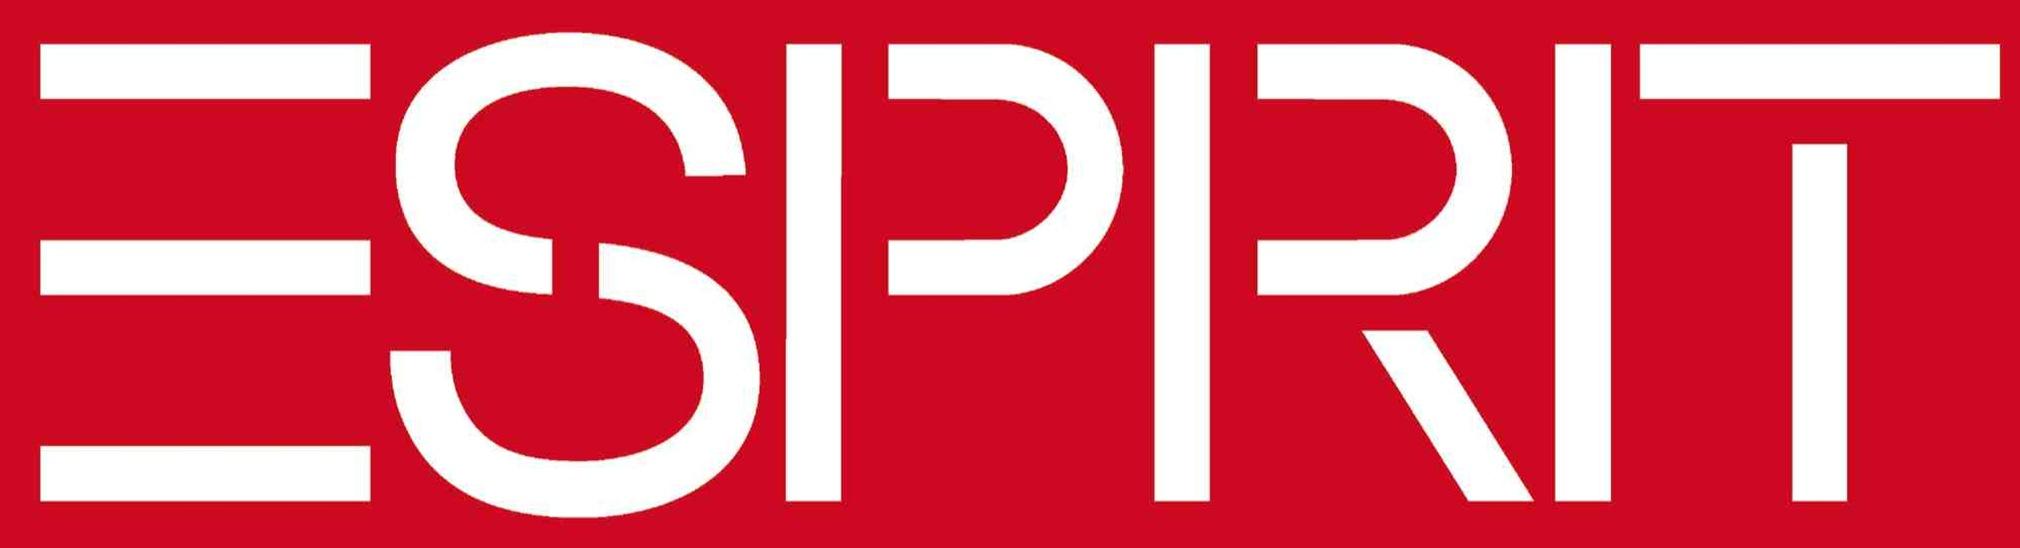 esprit-logo-wallpaper